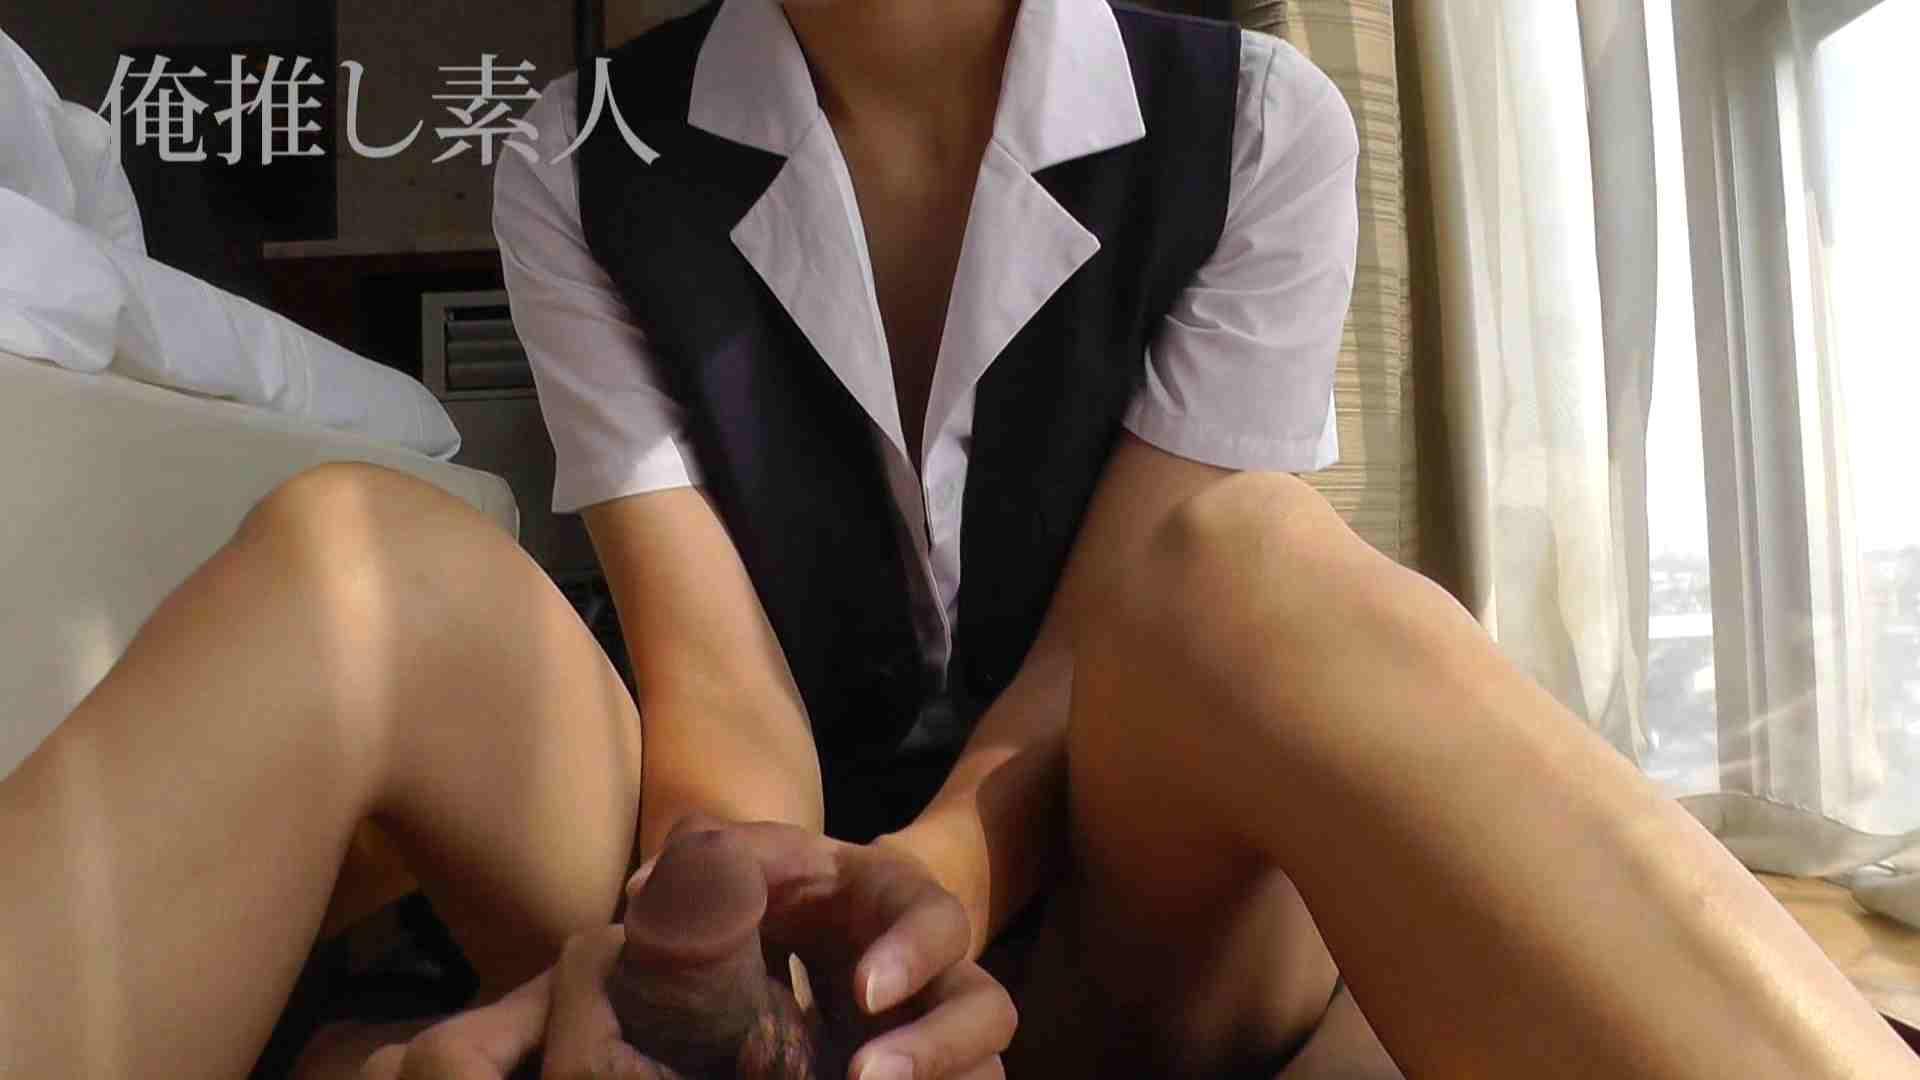 俺推し素人 30代人妻熟女キャバ嬢雫 エッチな熟女 盗み撮り動画 106pic 44